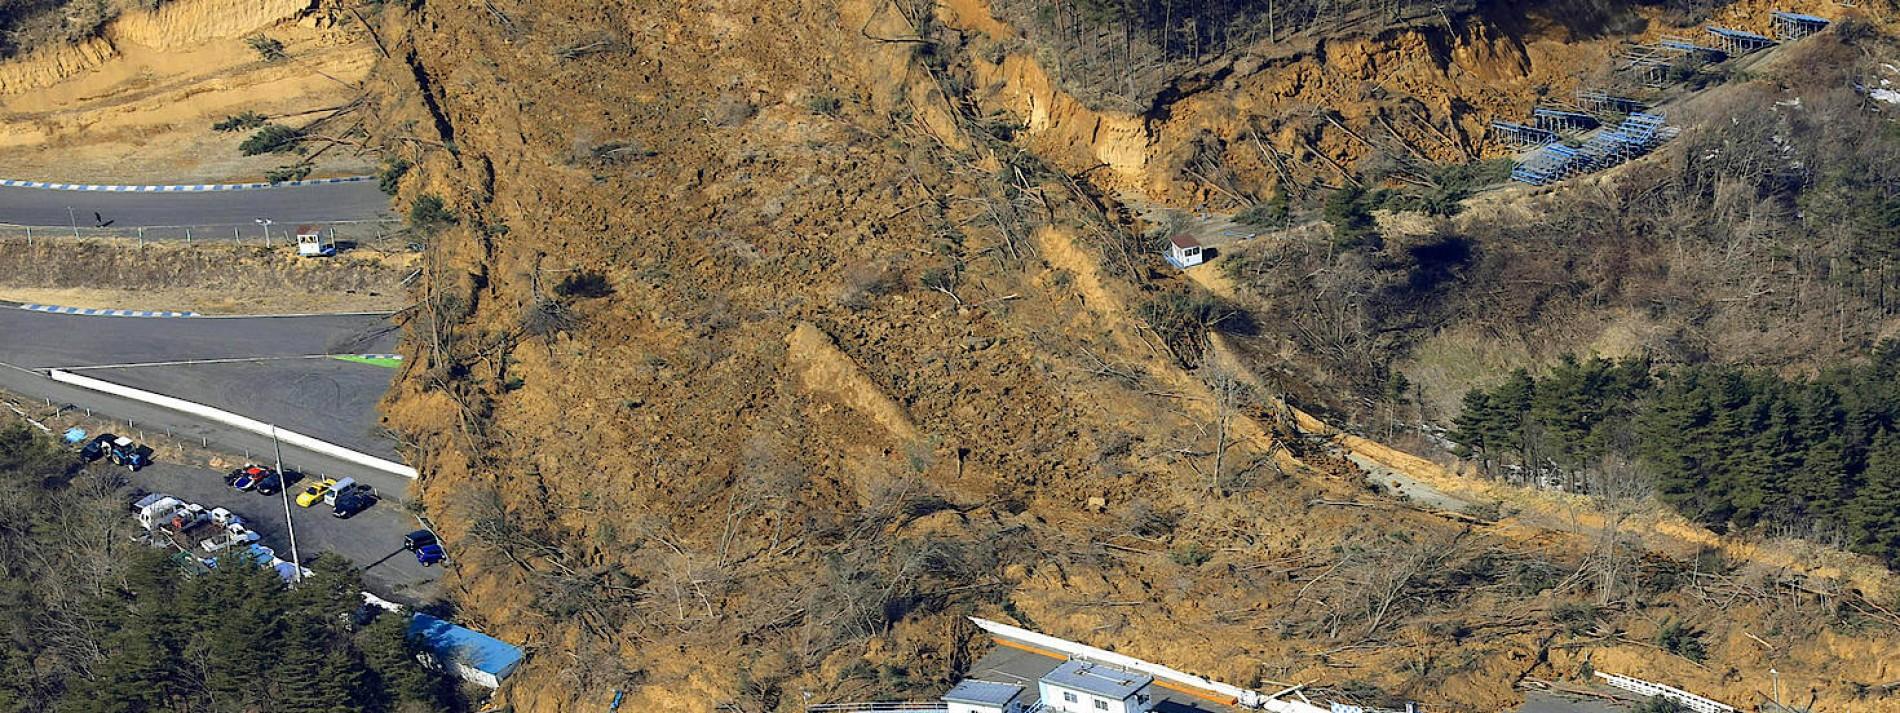 Viele Verletzte nach schwerem Erdbeben in Japan